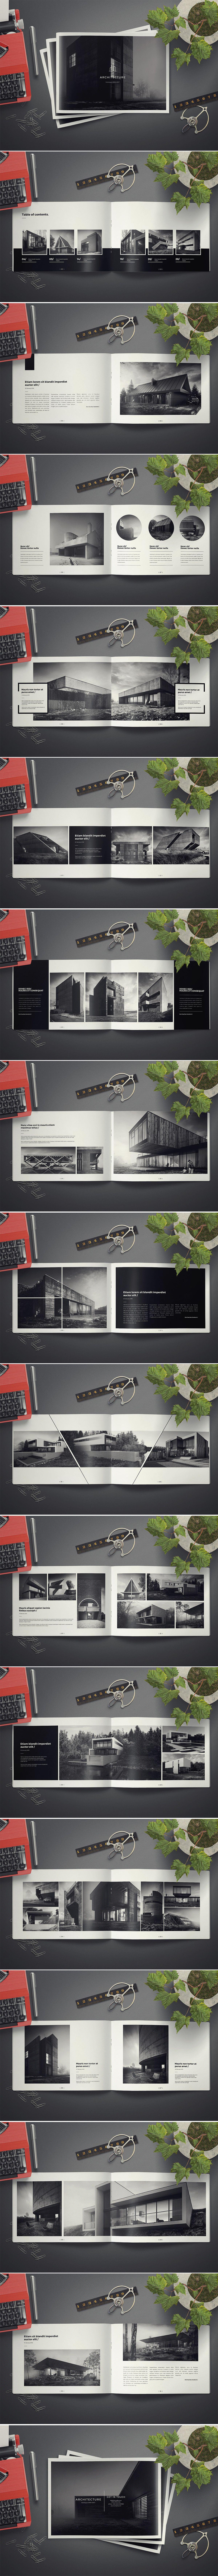 Architecture Landscape Brochure on Behance | ArPort | Pinterest ...